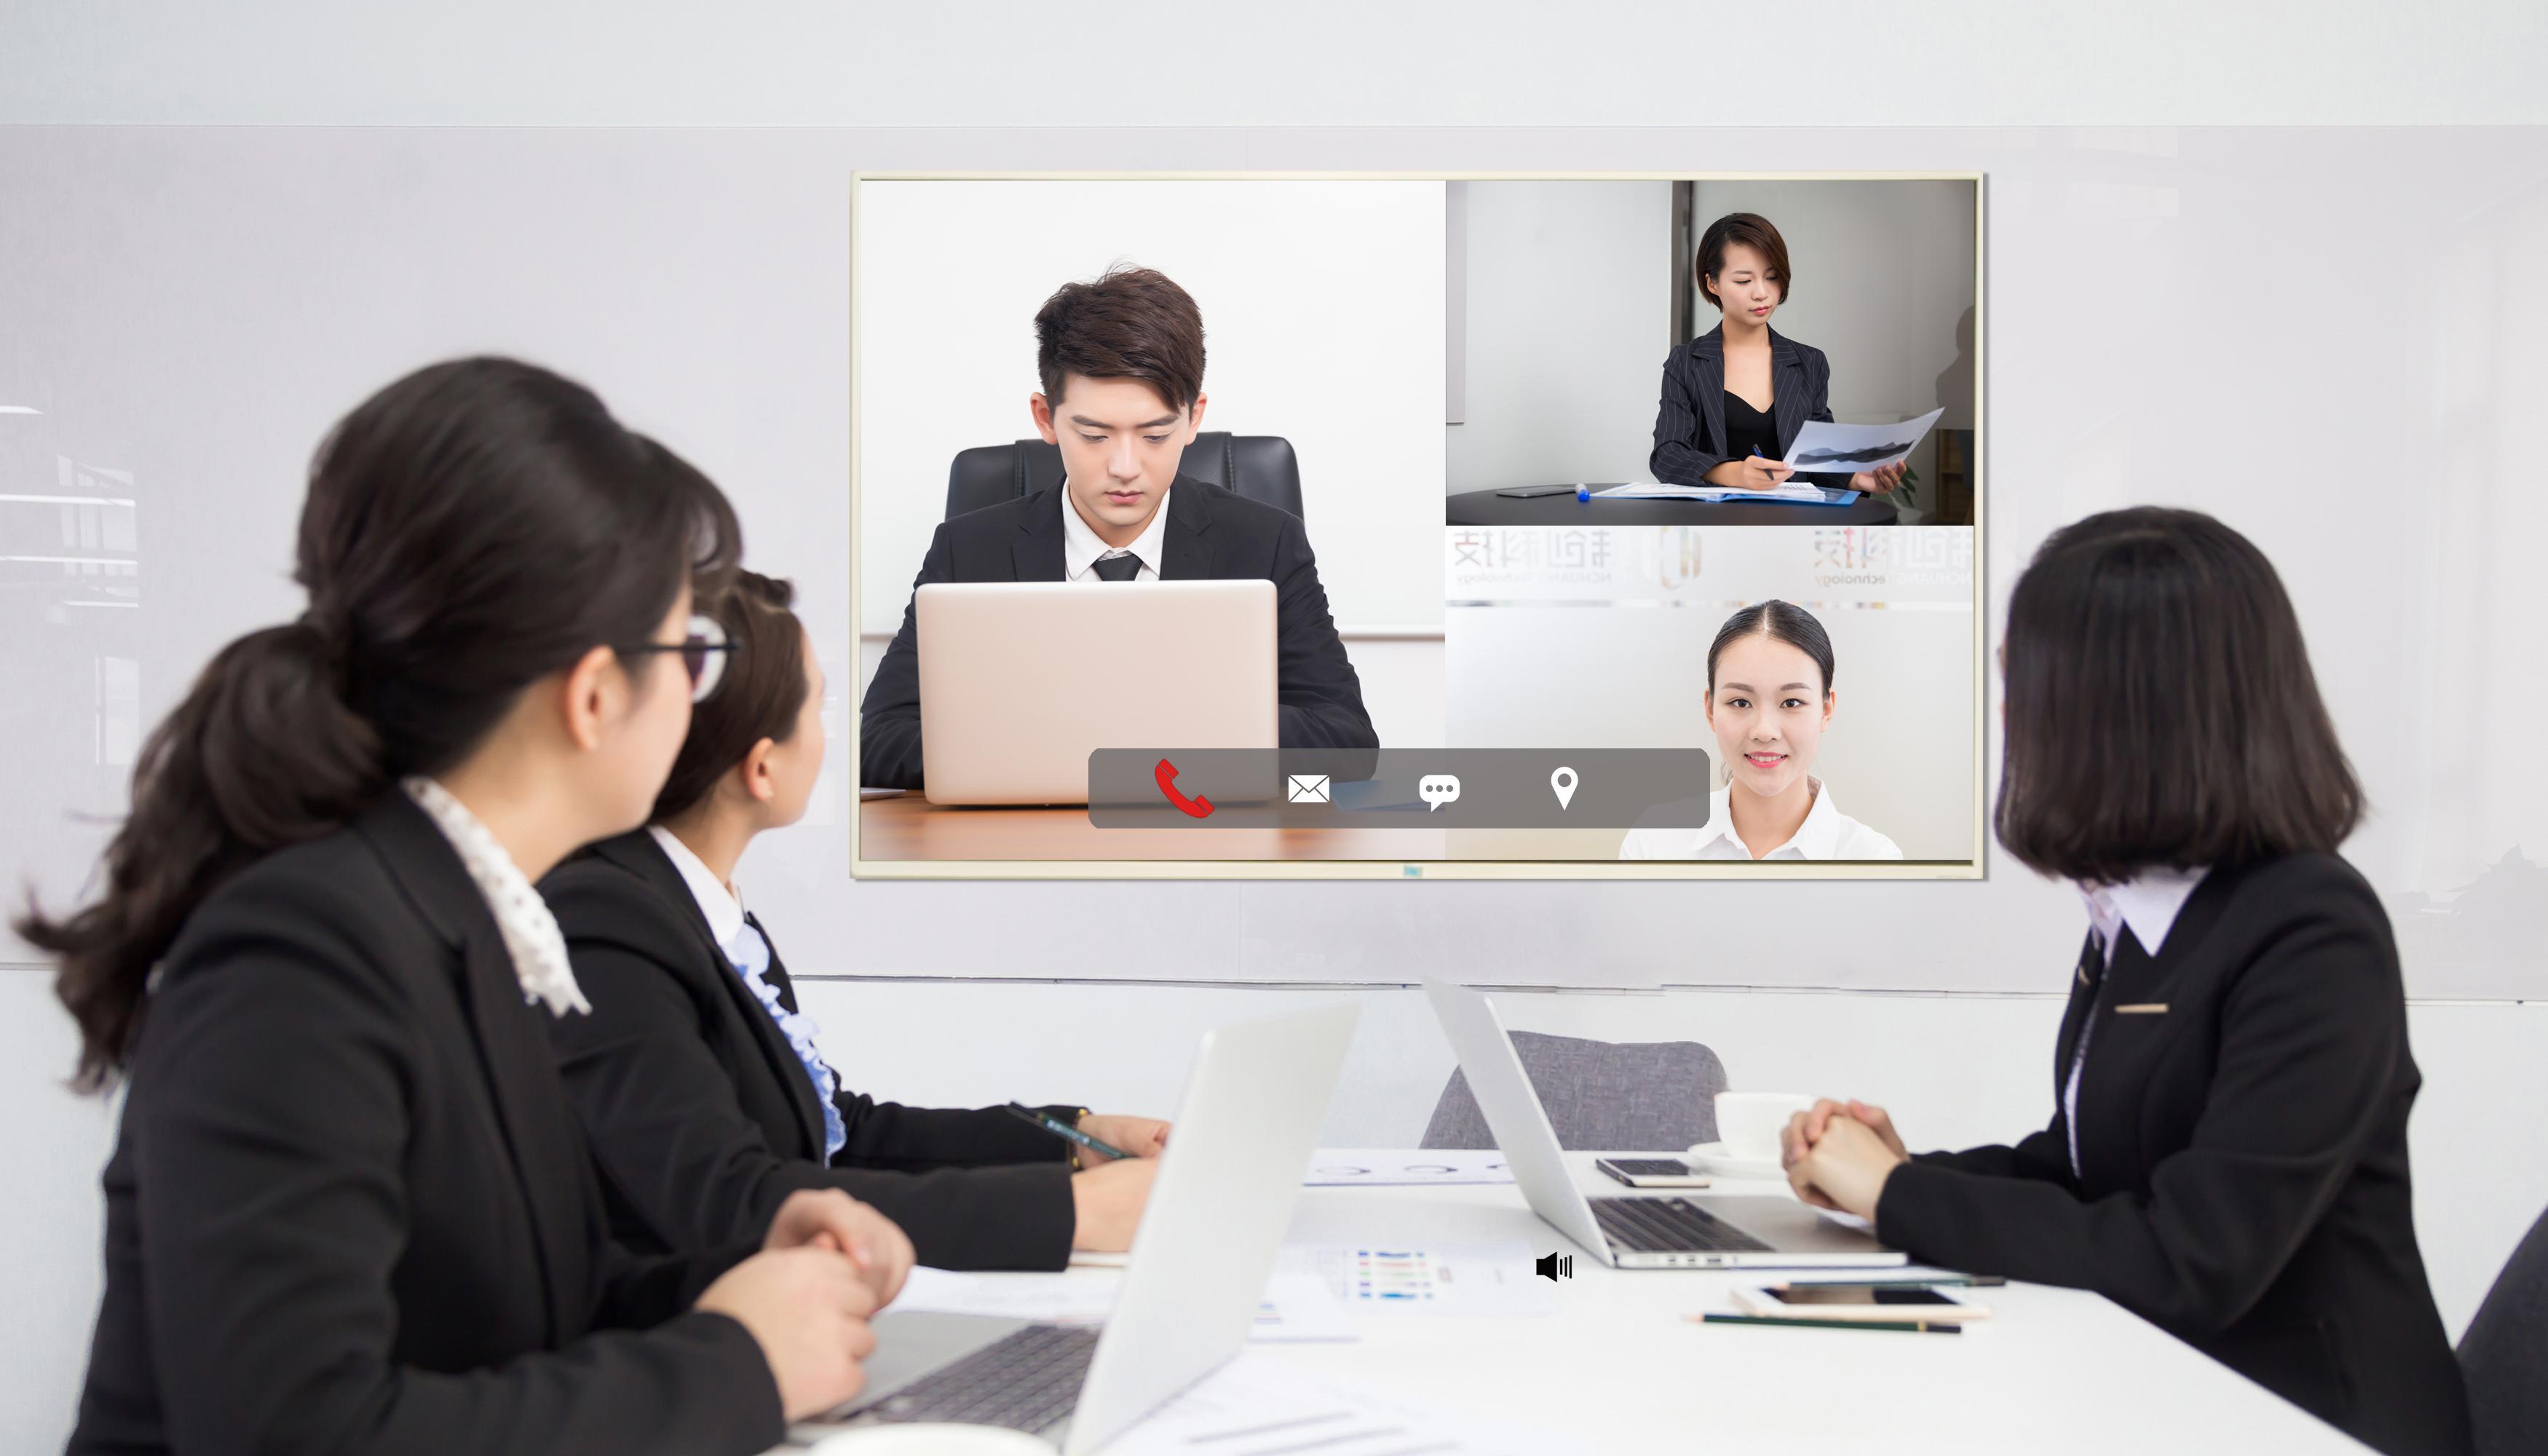 打破地域的束缚,vymeet云视频会议是你的商务洽谈利器 第2张